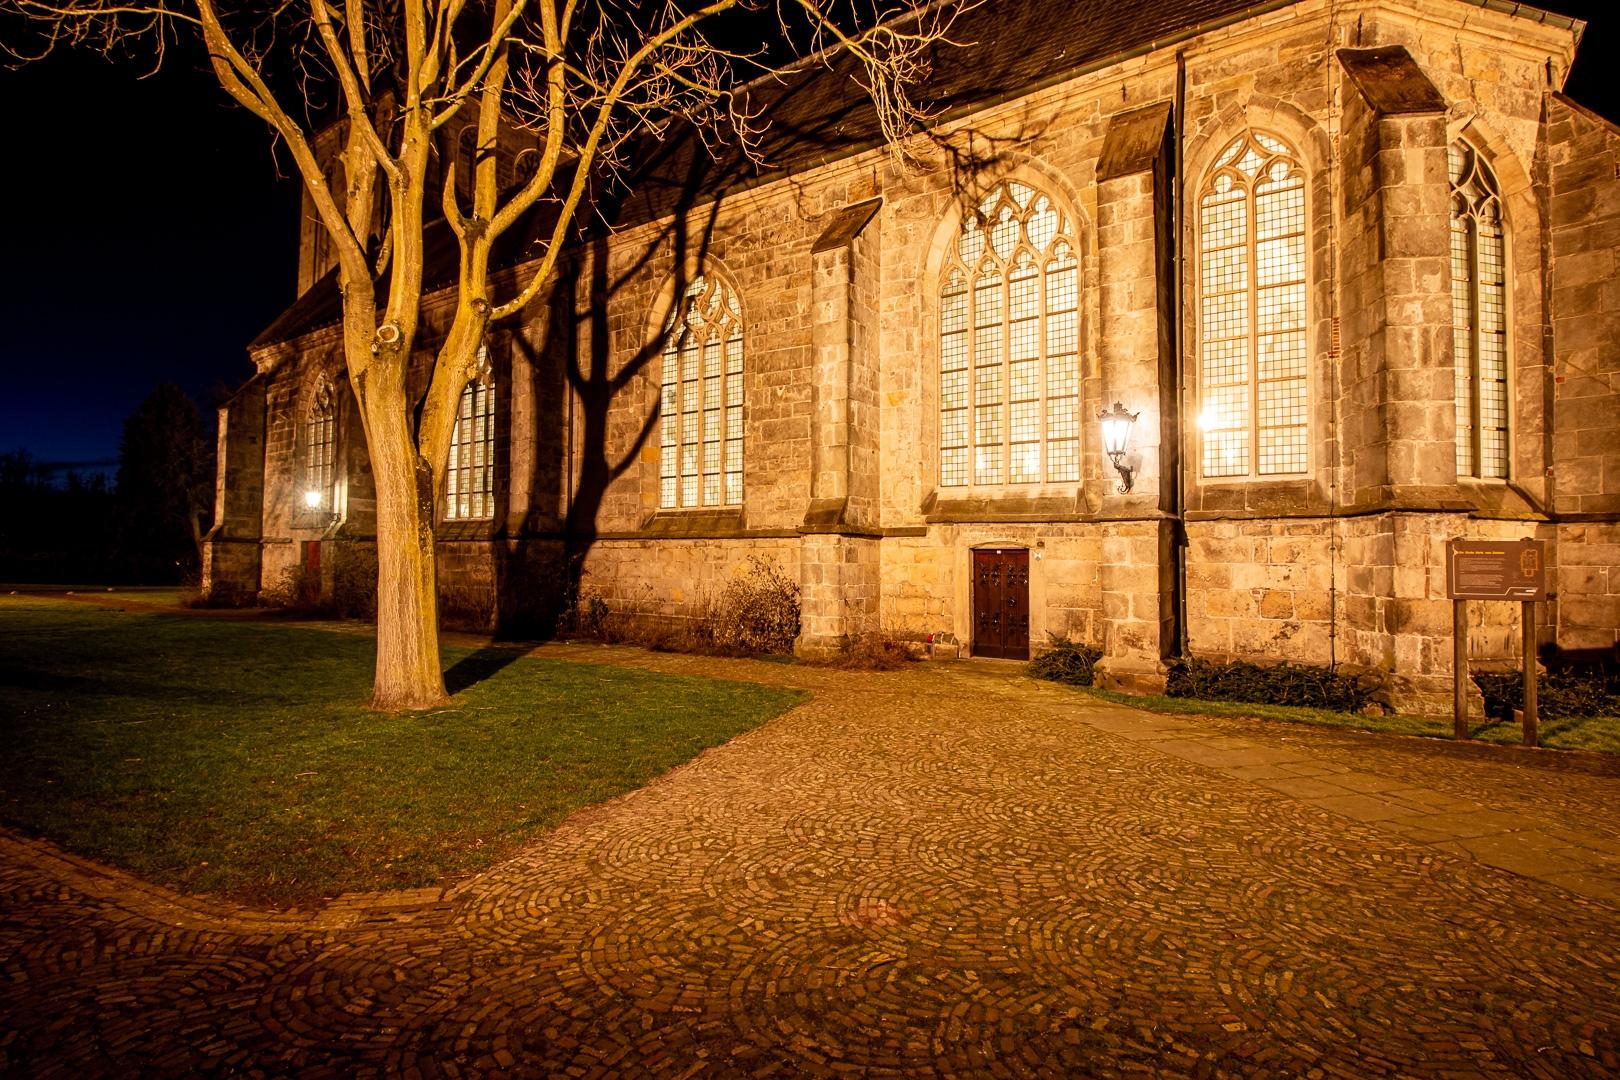 Lednovate Oude Blasius Kerk Delden 2 - Oude Blasisus Kerk